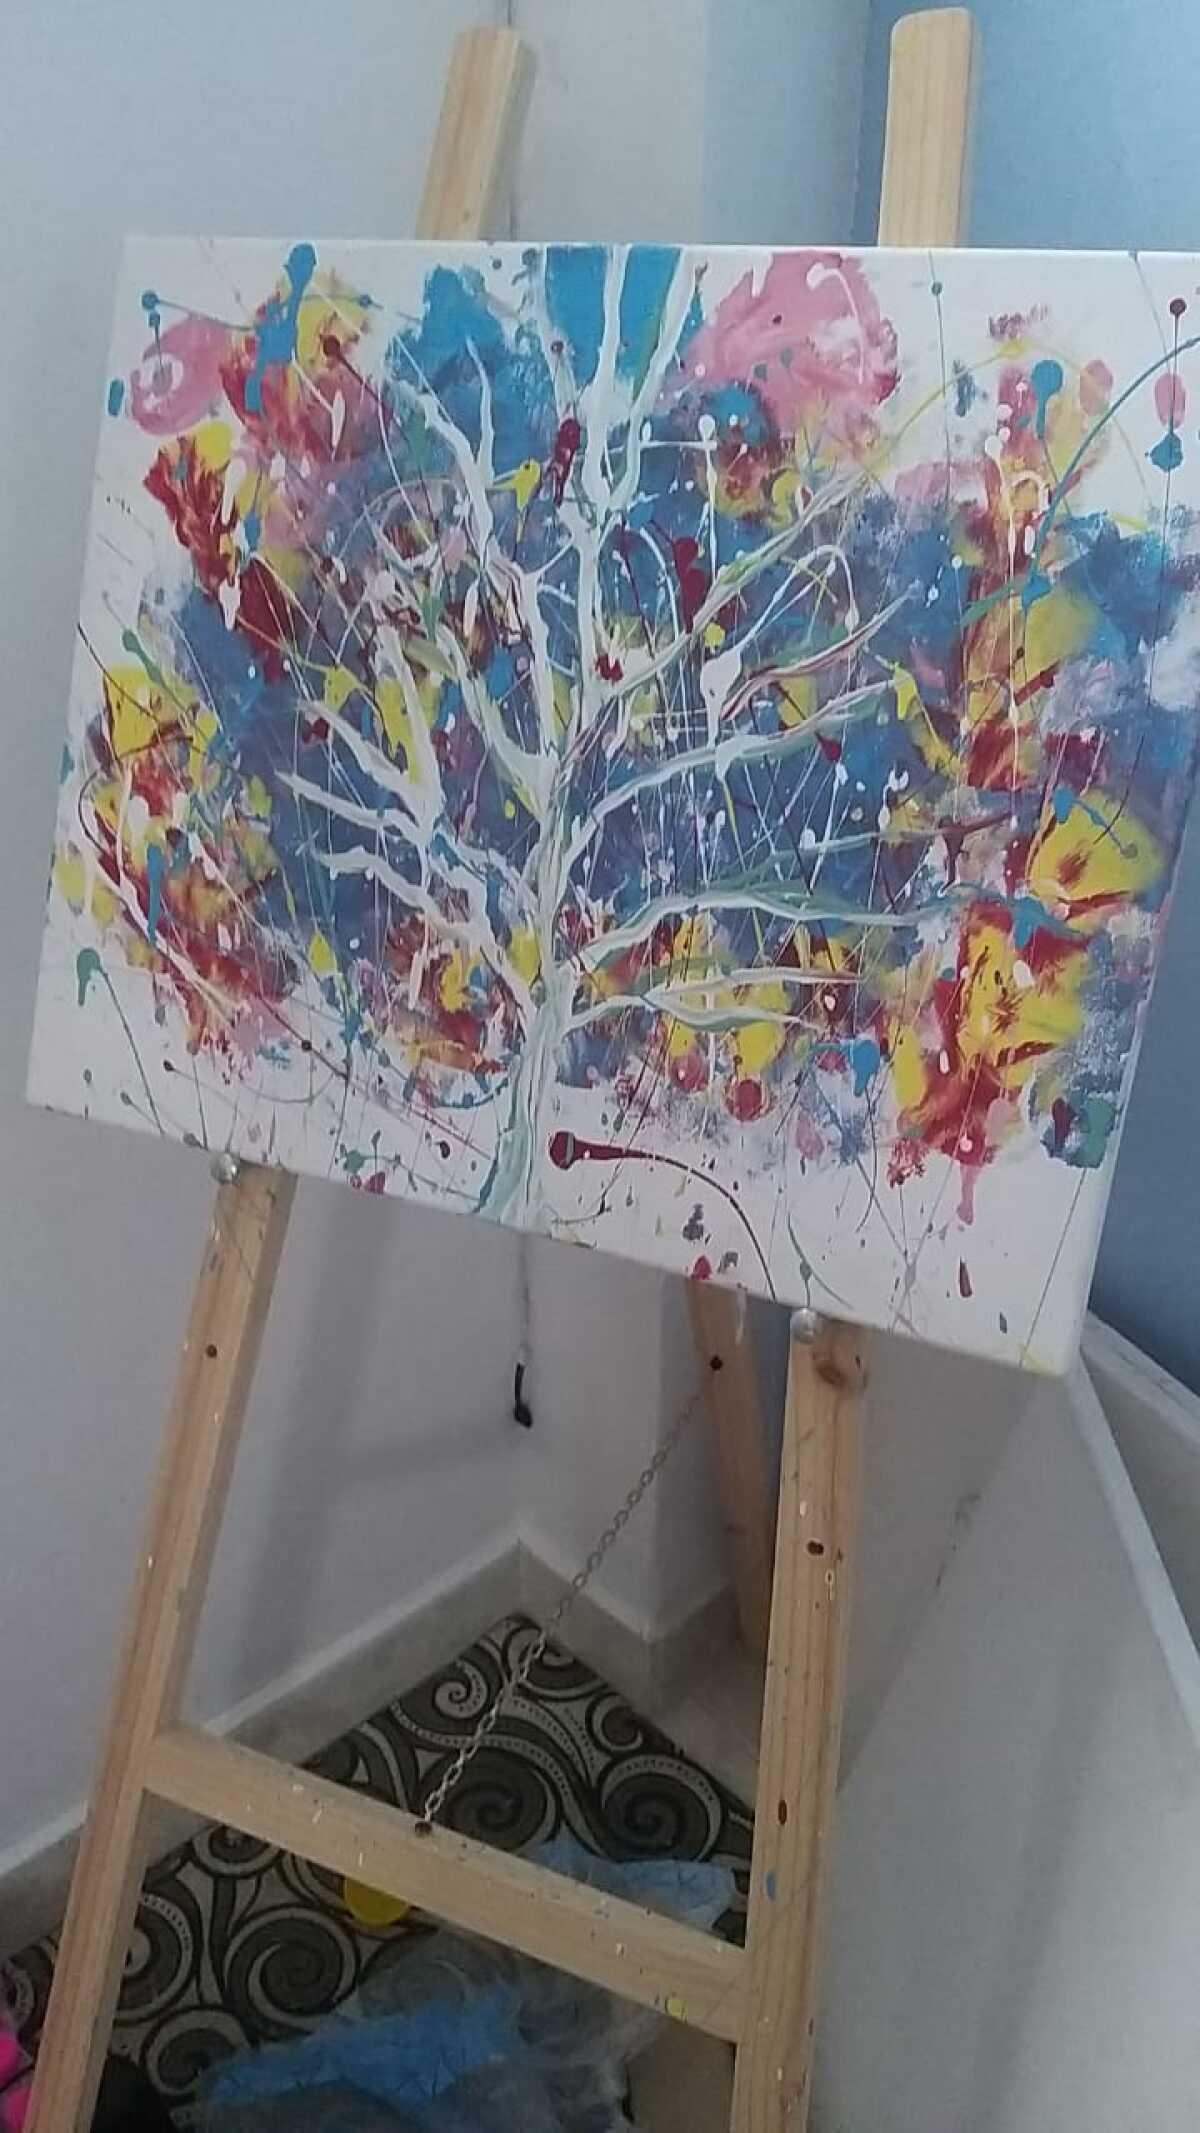 pintura de tatiana morales.jpeg